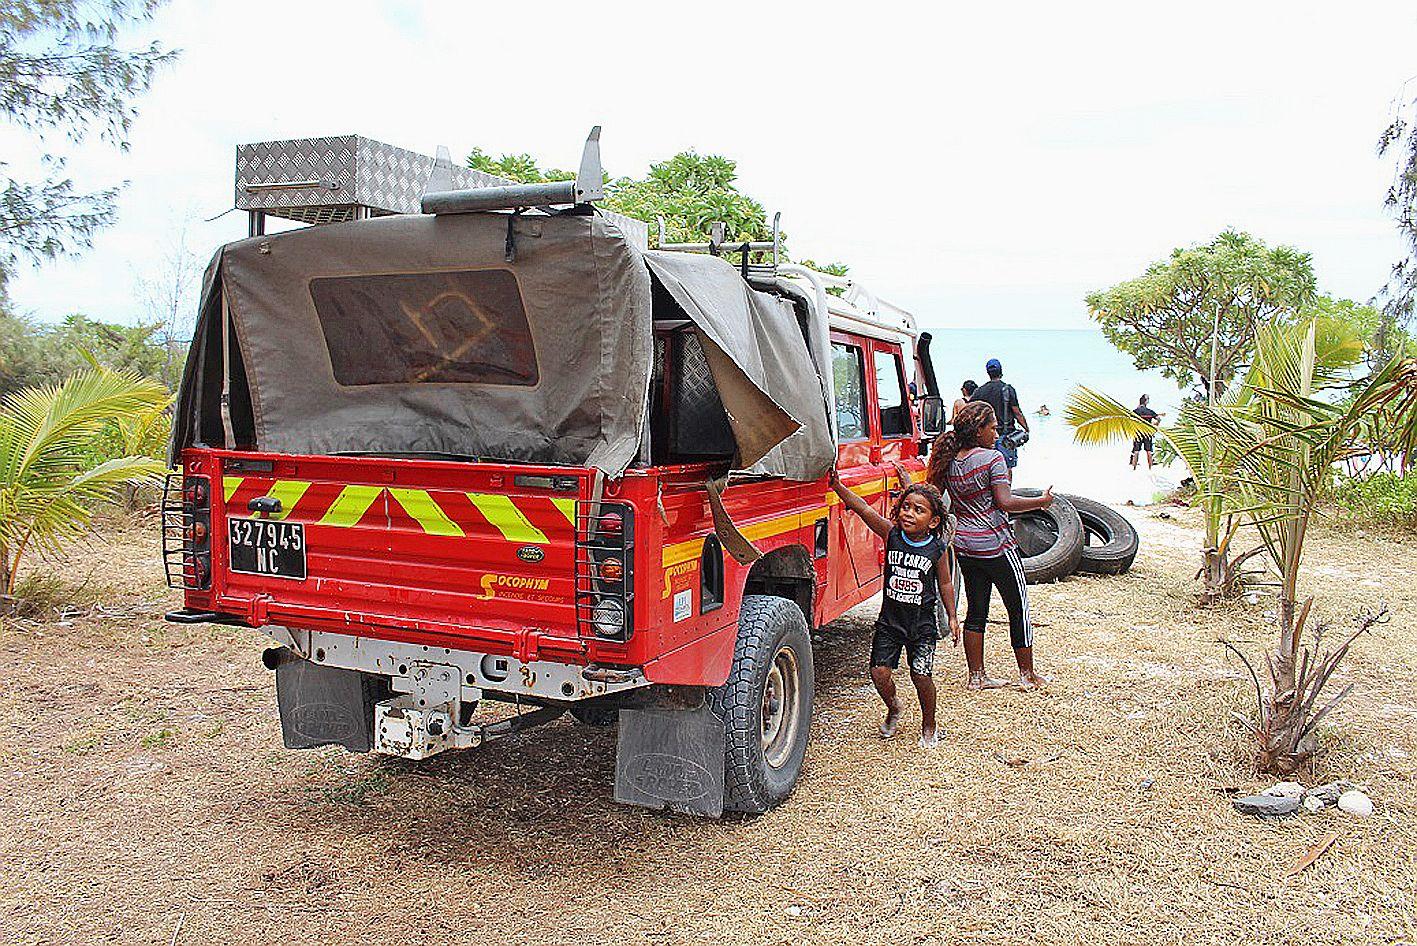 Beaucoup d\'enfants ont assisté à la journée, l\'occasion de découvrir le métier de pompier et le matériel utilisé pour les interventions.